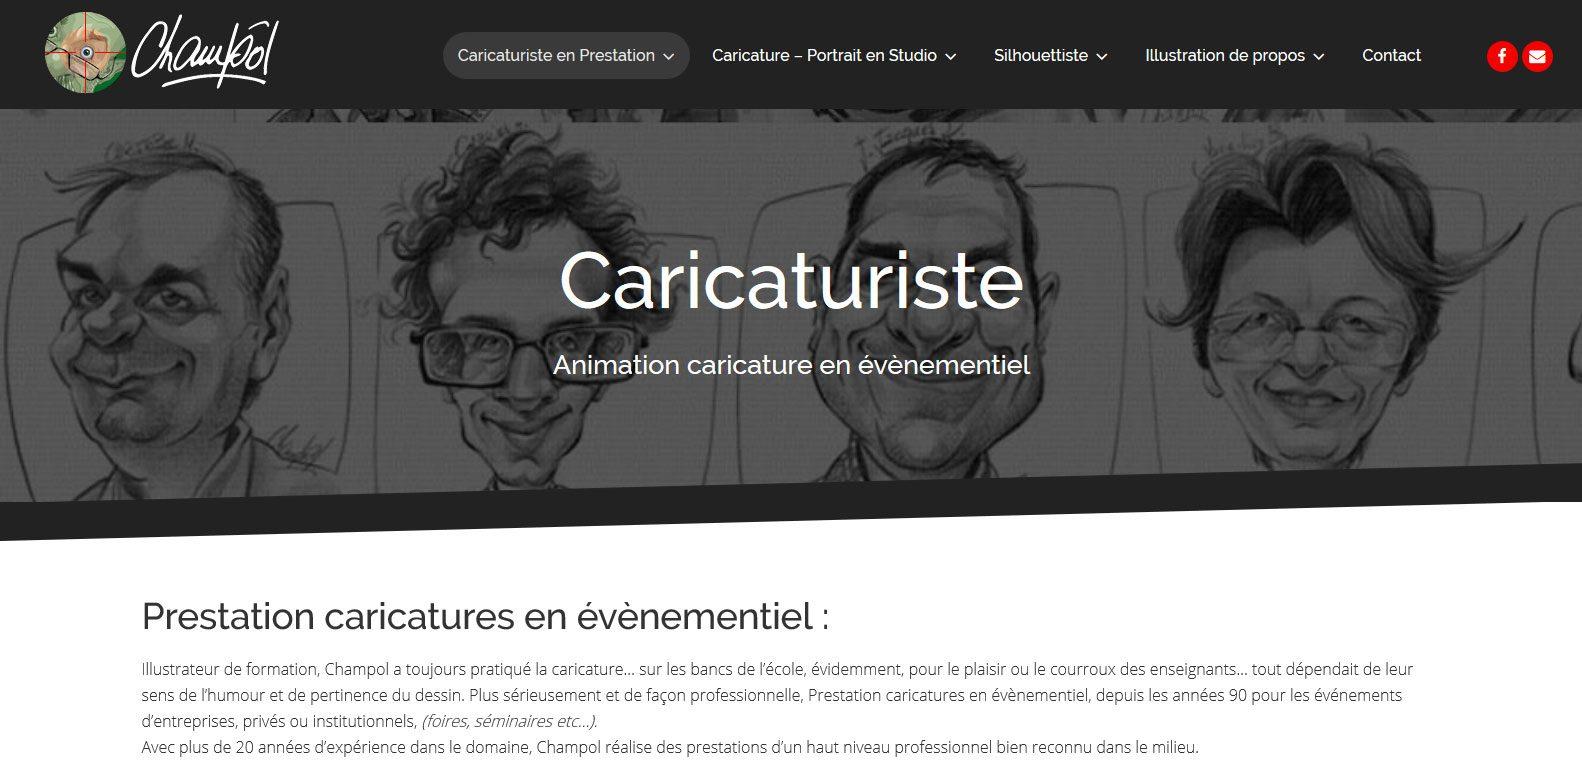 Champol, un caricaturiste hors pair et client karedess agency, agence web depuis 2006 à Mulhouse